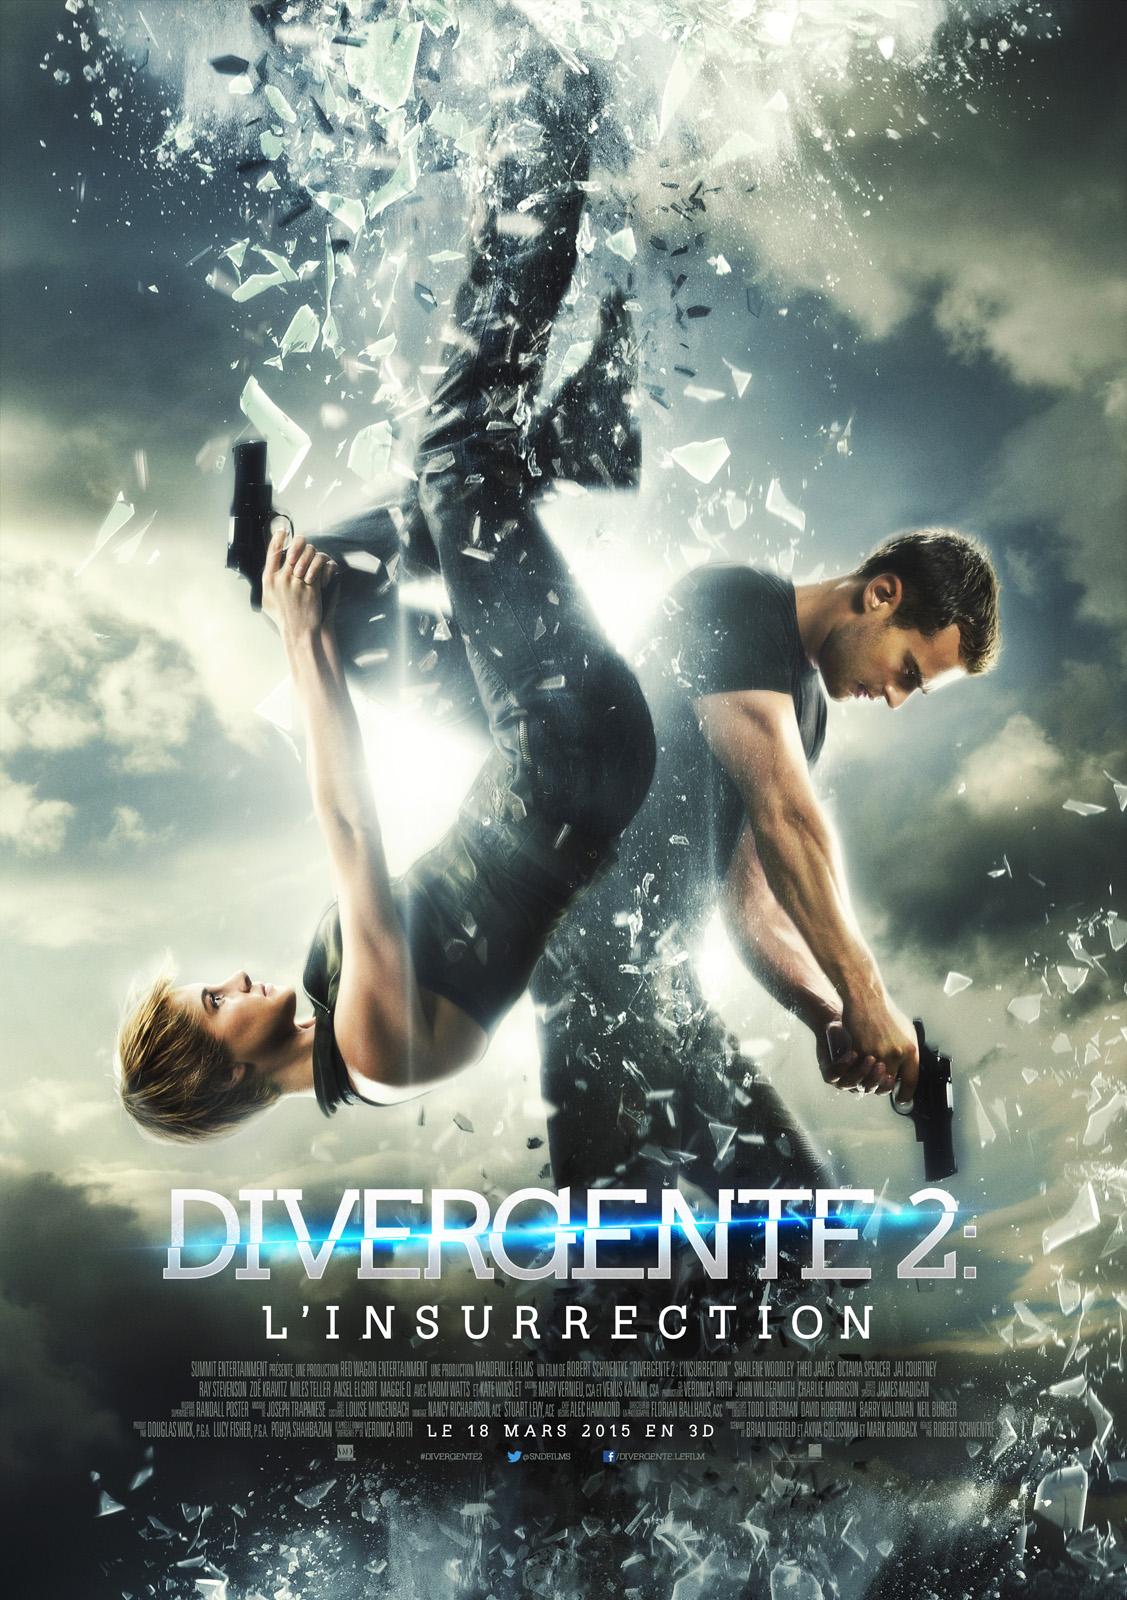 film divergente 2